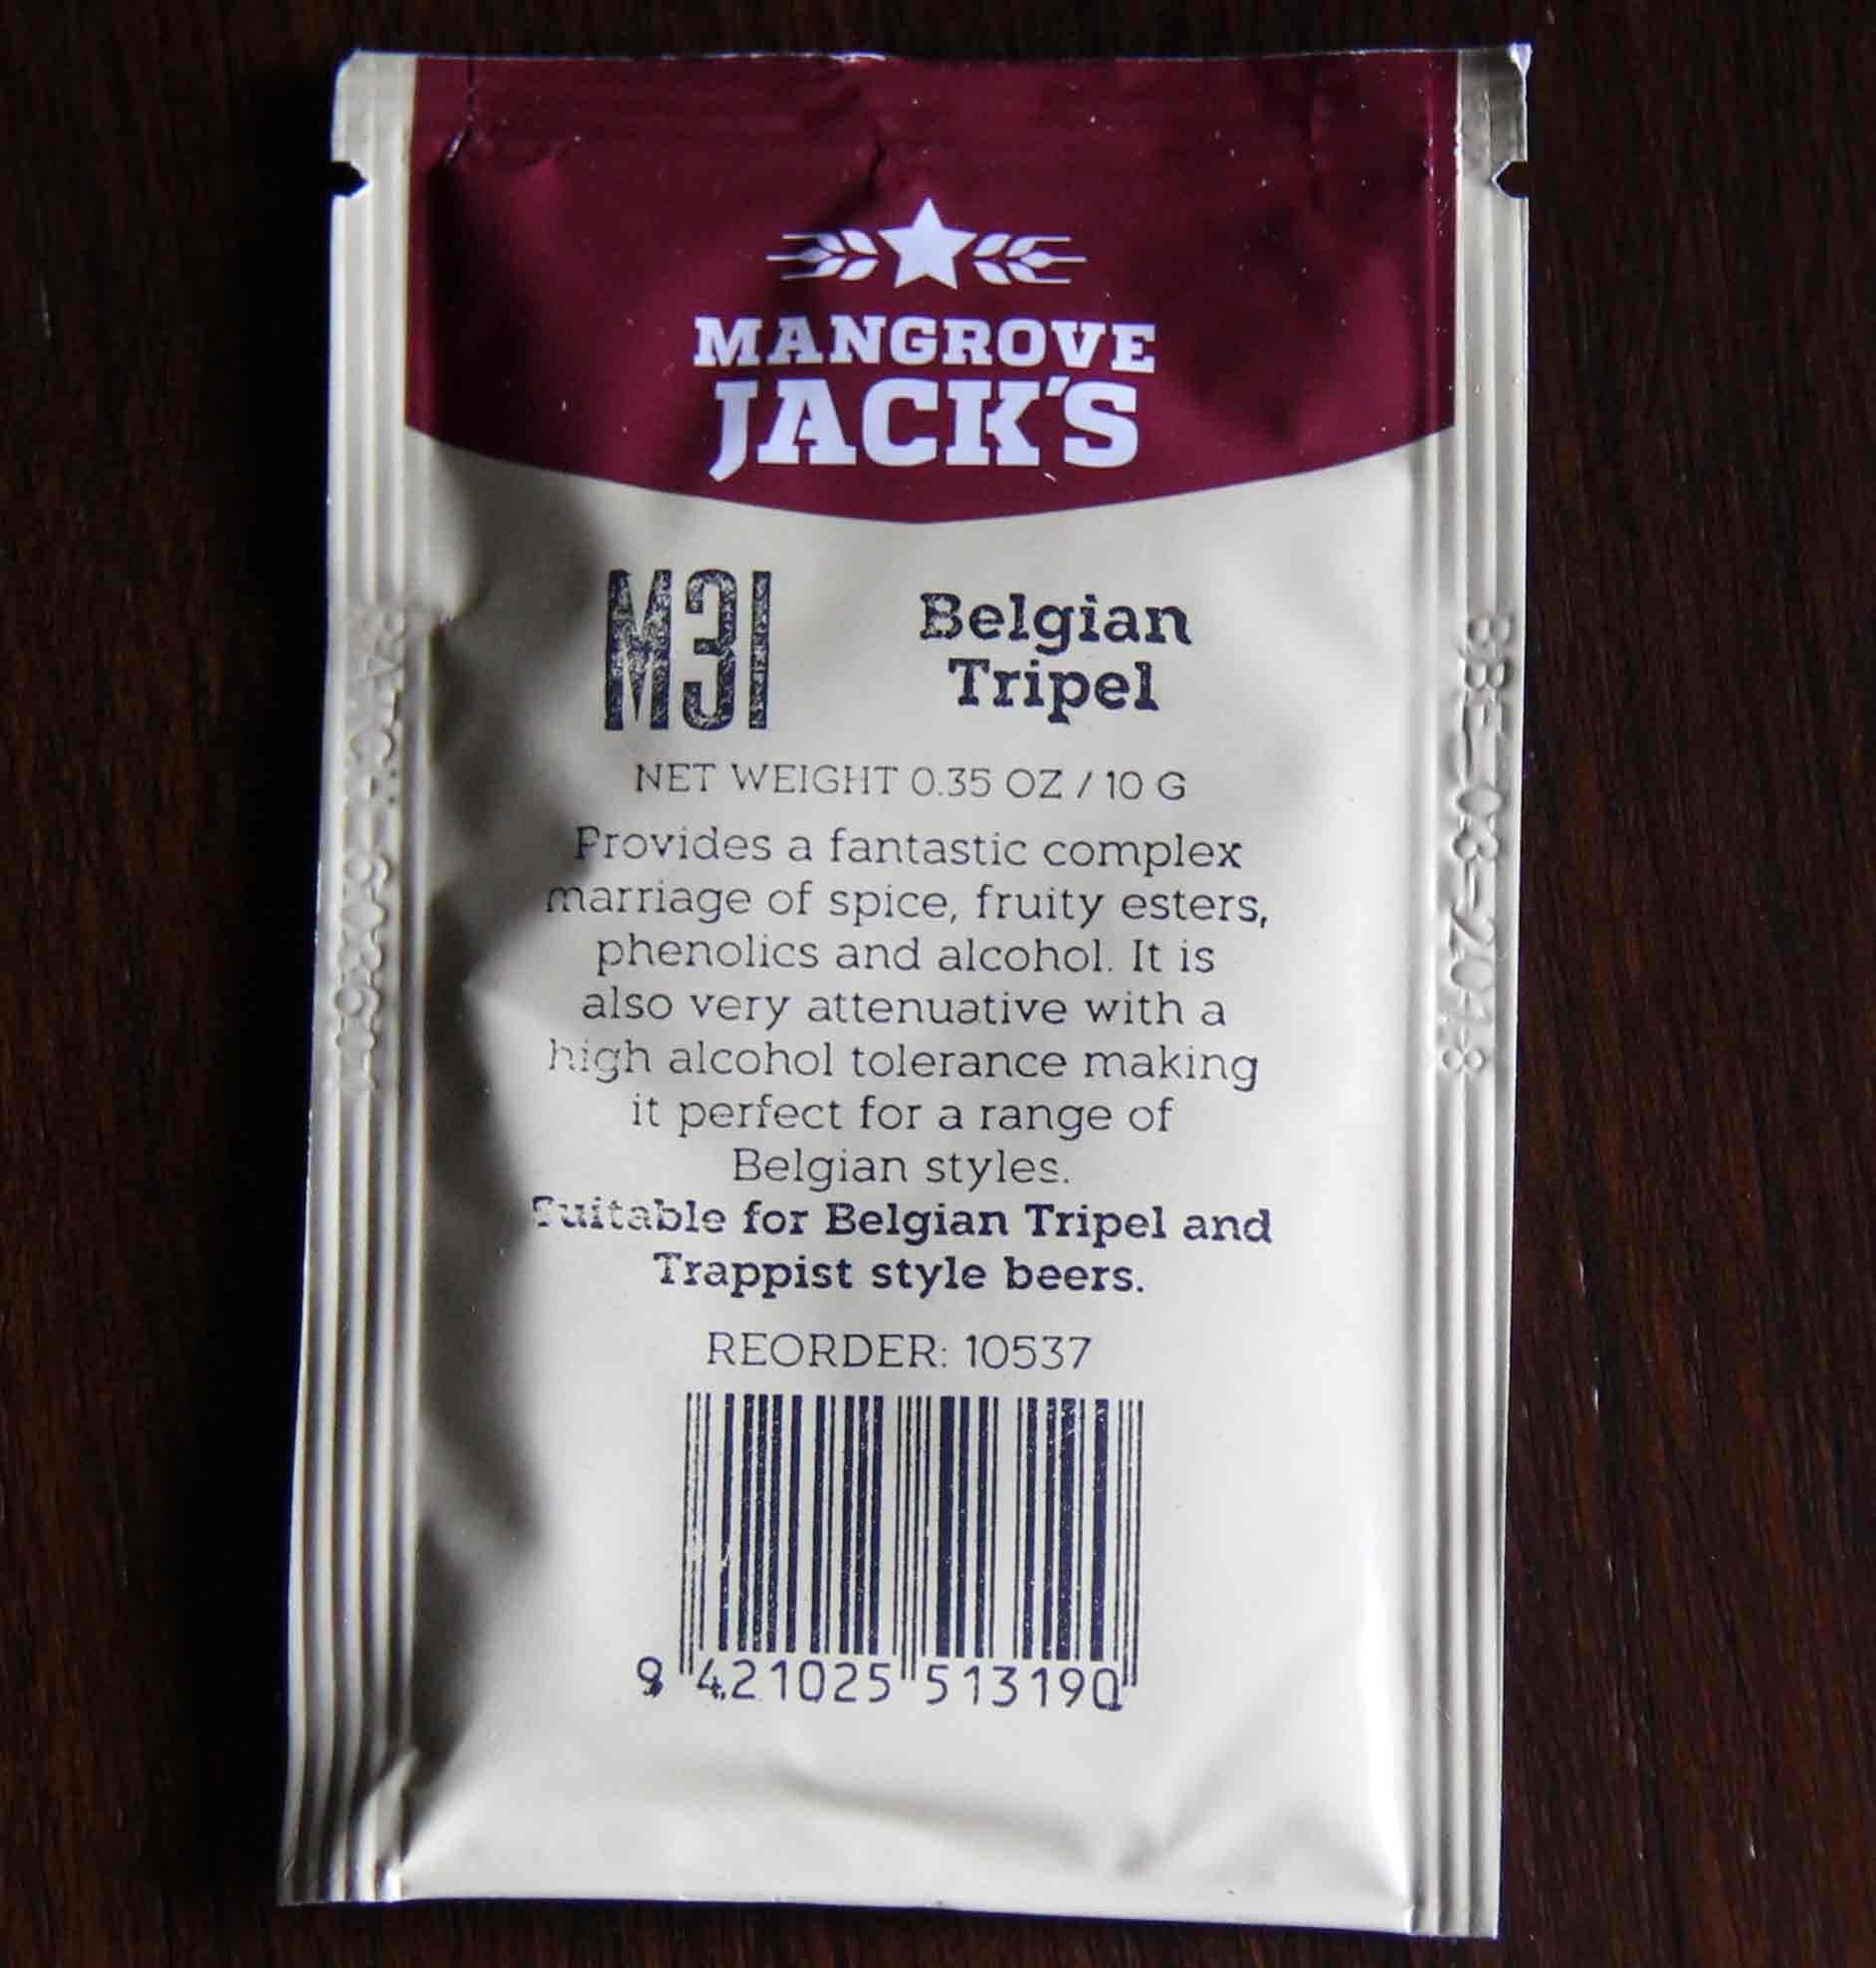 Mangrove Jack's - M31 BELGIAN TRIPEL Dry Yeast